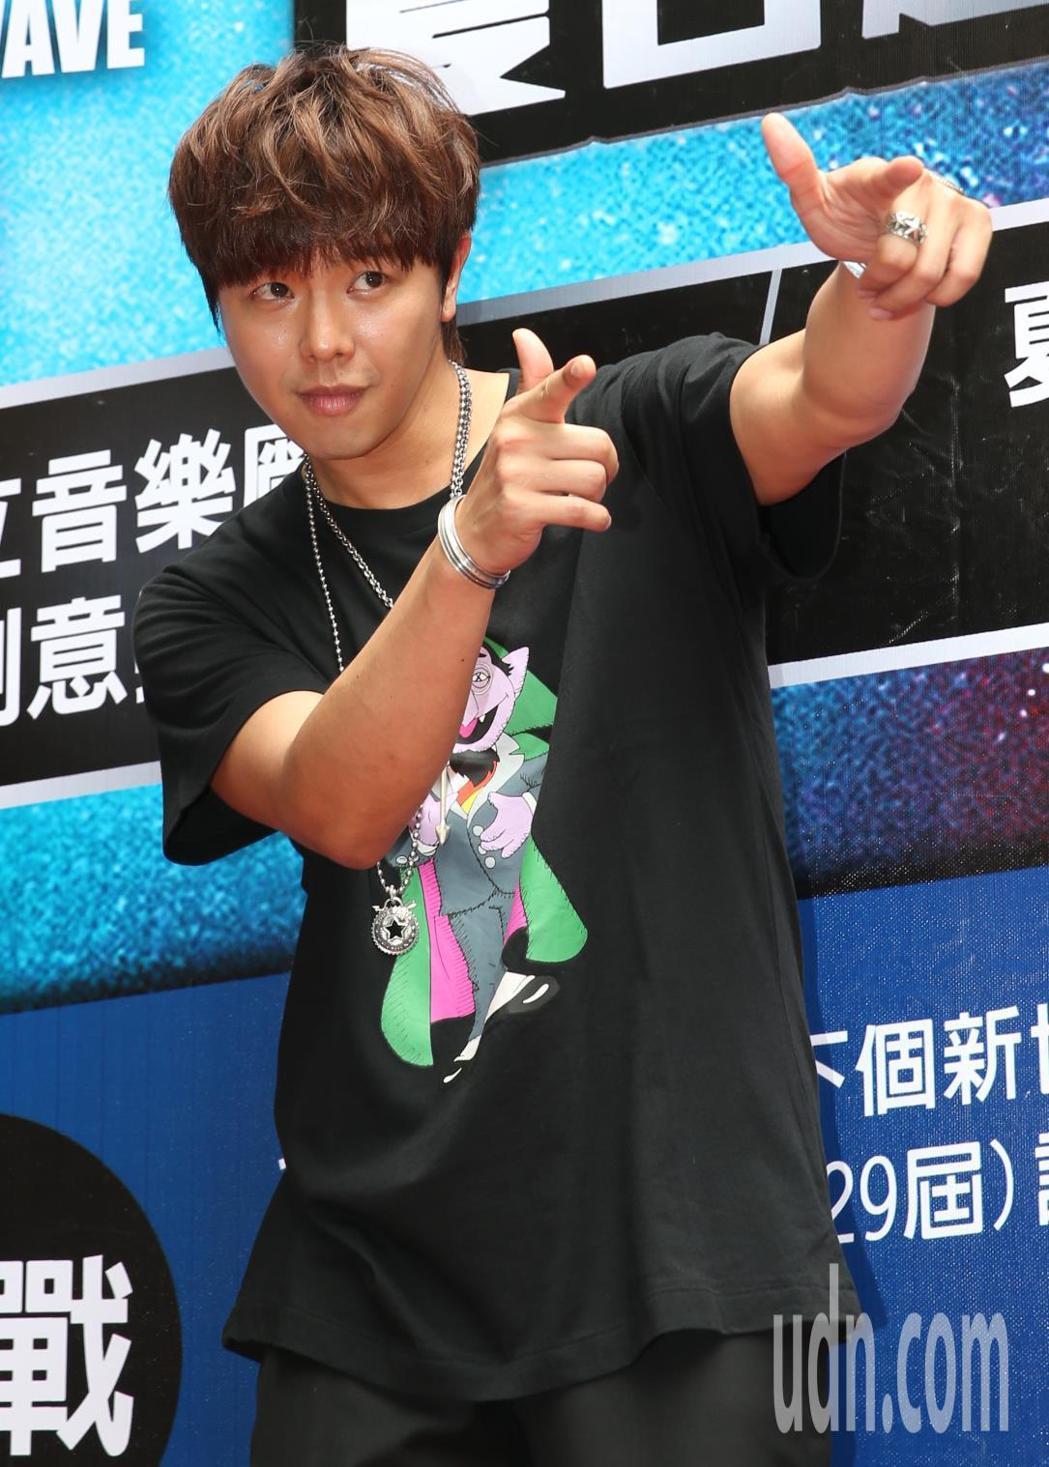 小鬼將在「2018音浪競演舞台-夏日超級新人徵選賽」中表演。記者侯永全/攝影